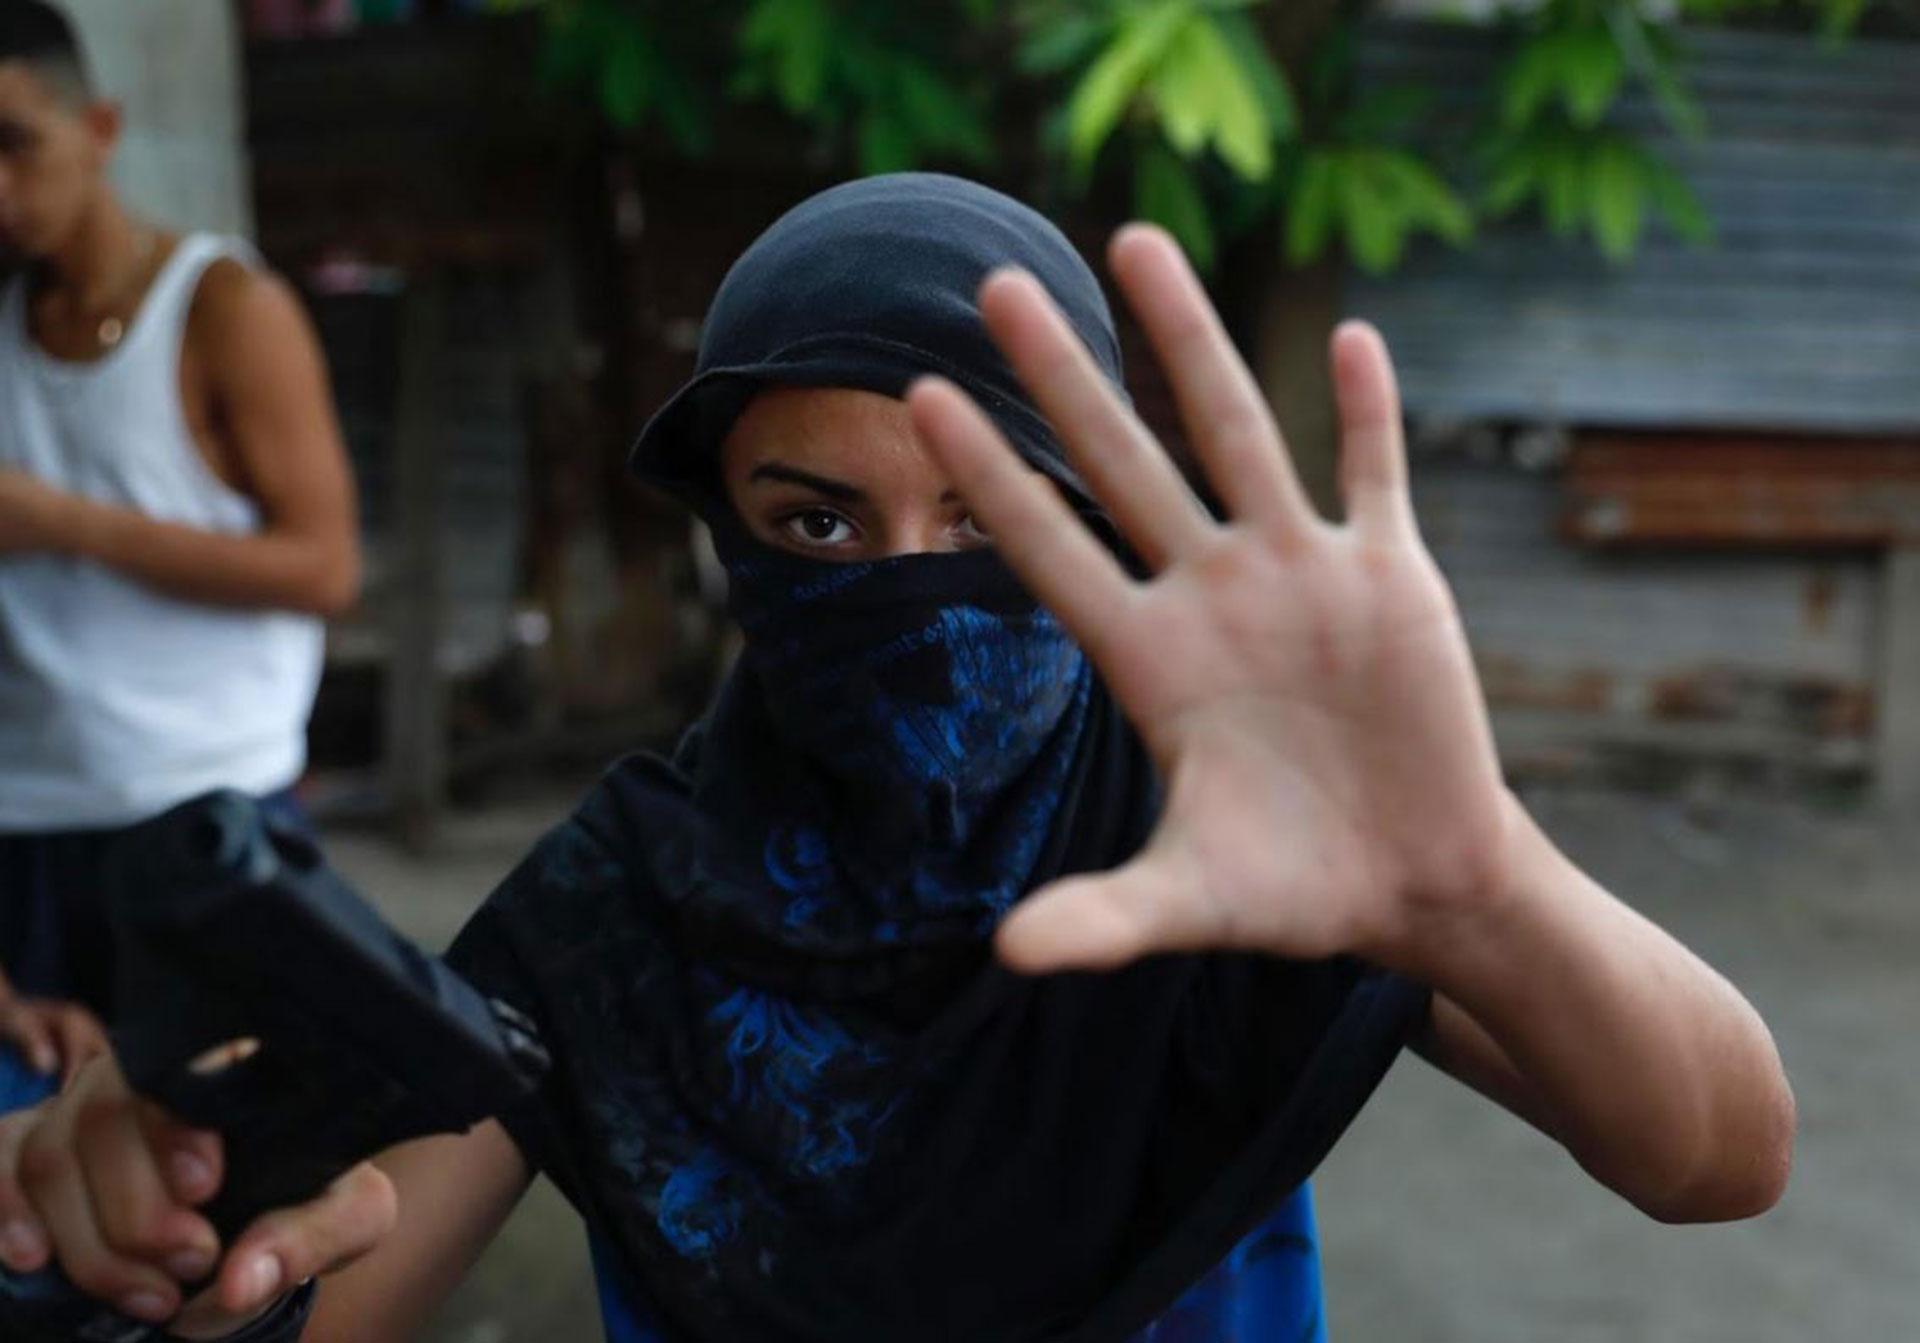 Un joven de la pandilla Barrio 18 muestra un arma